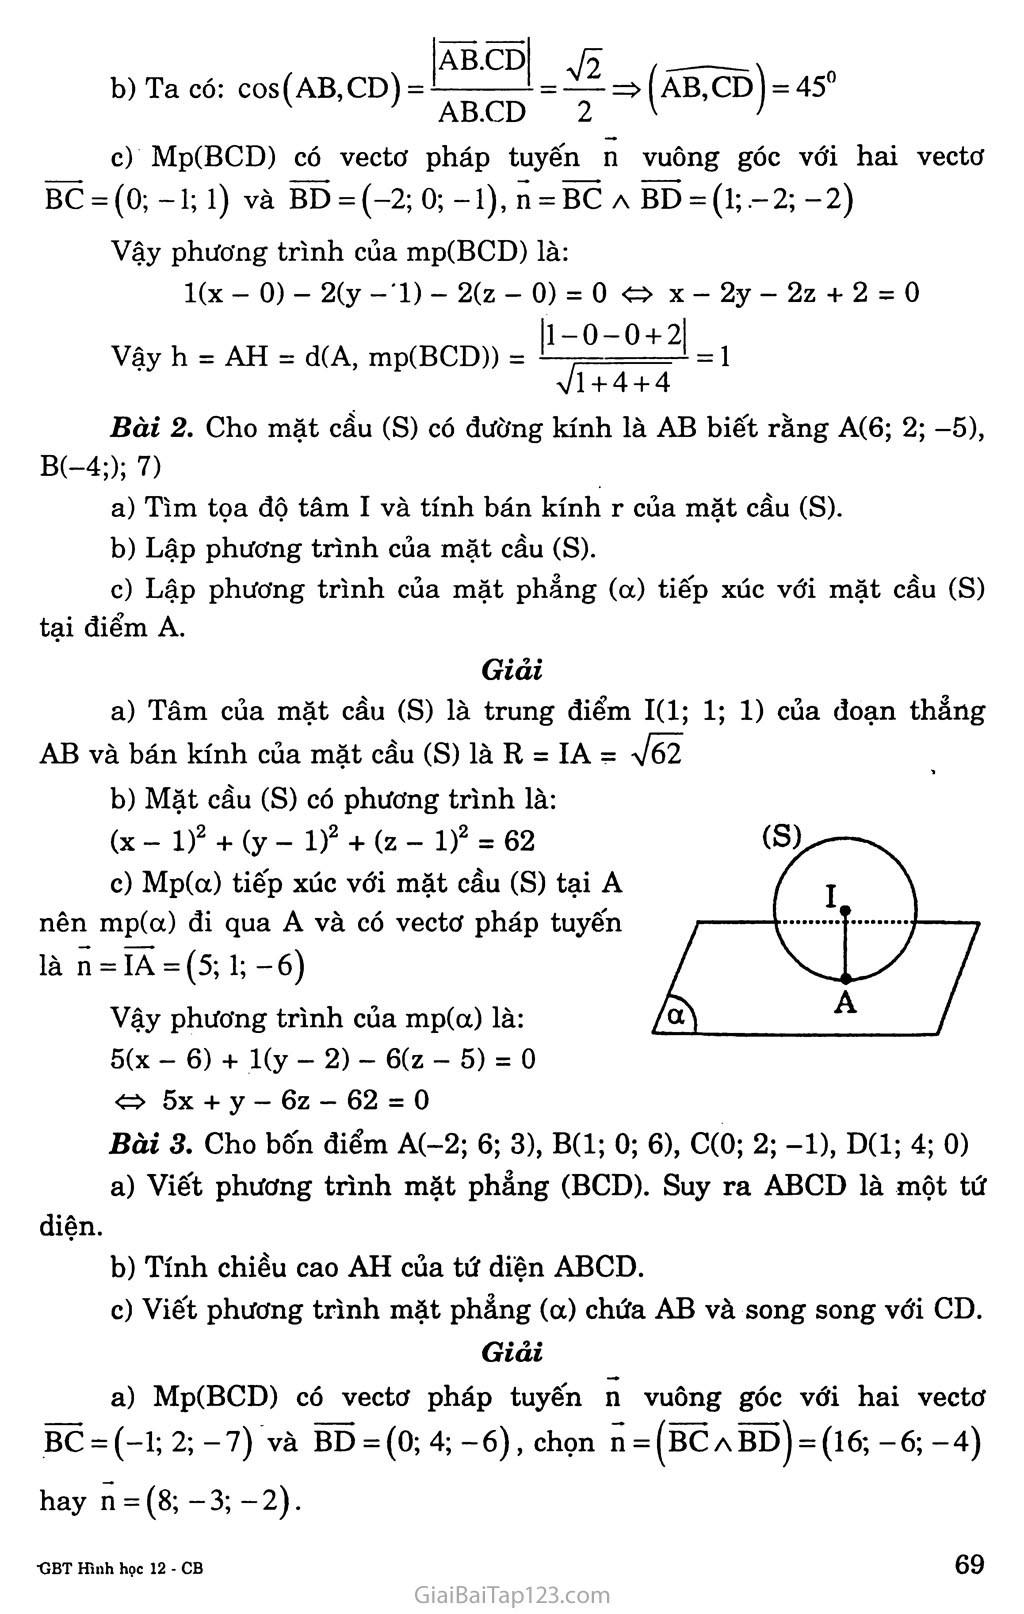 ÔN TẬP CHƯƠNG III trang 2